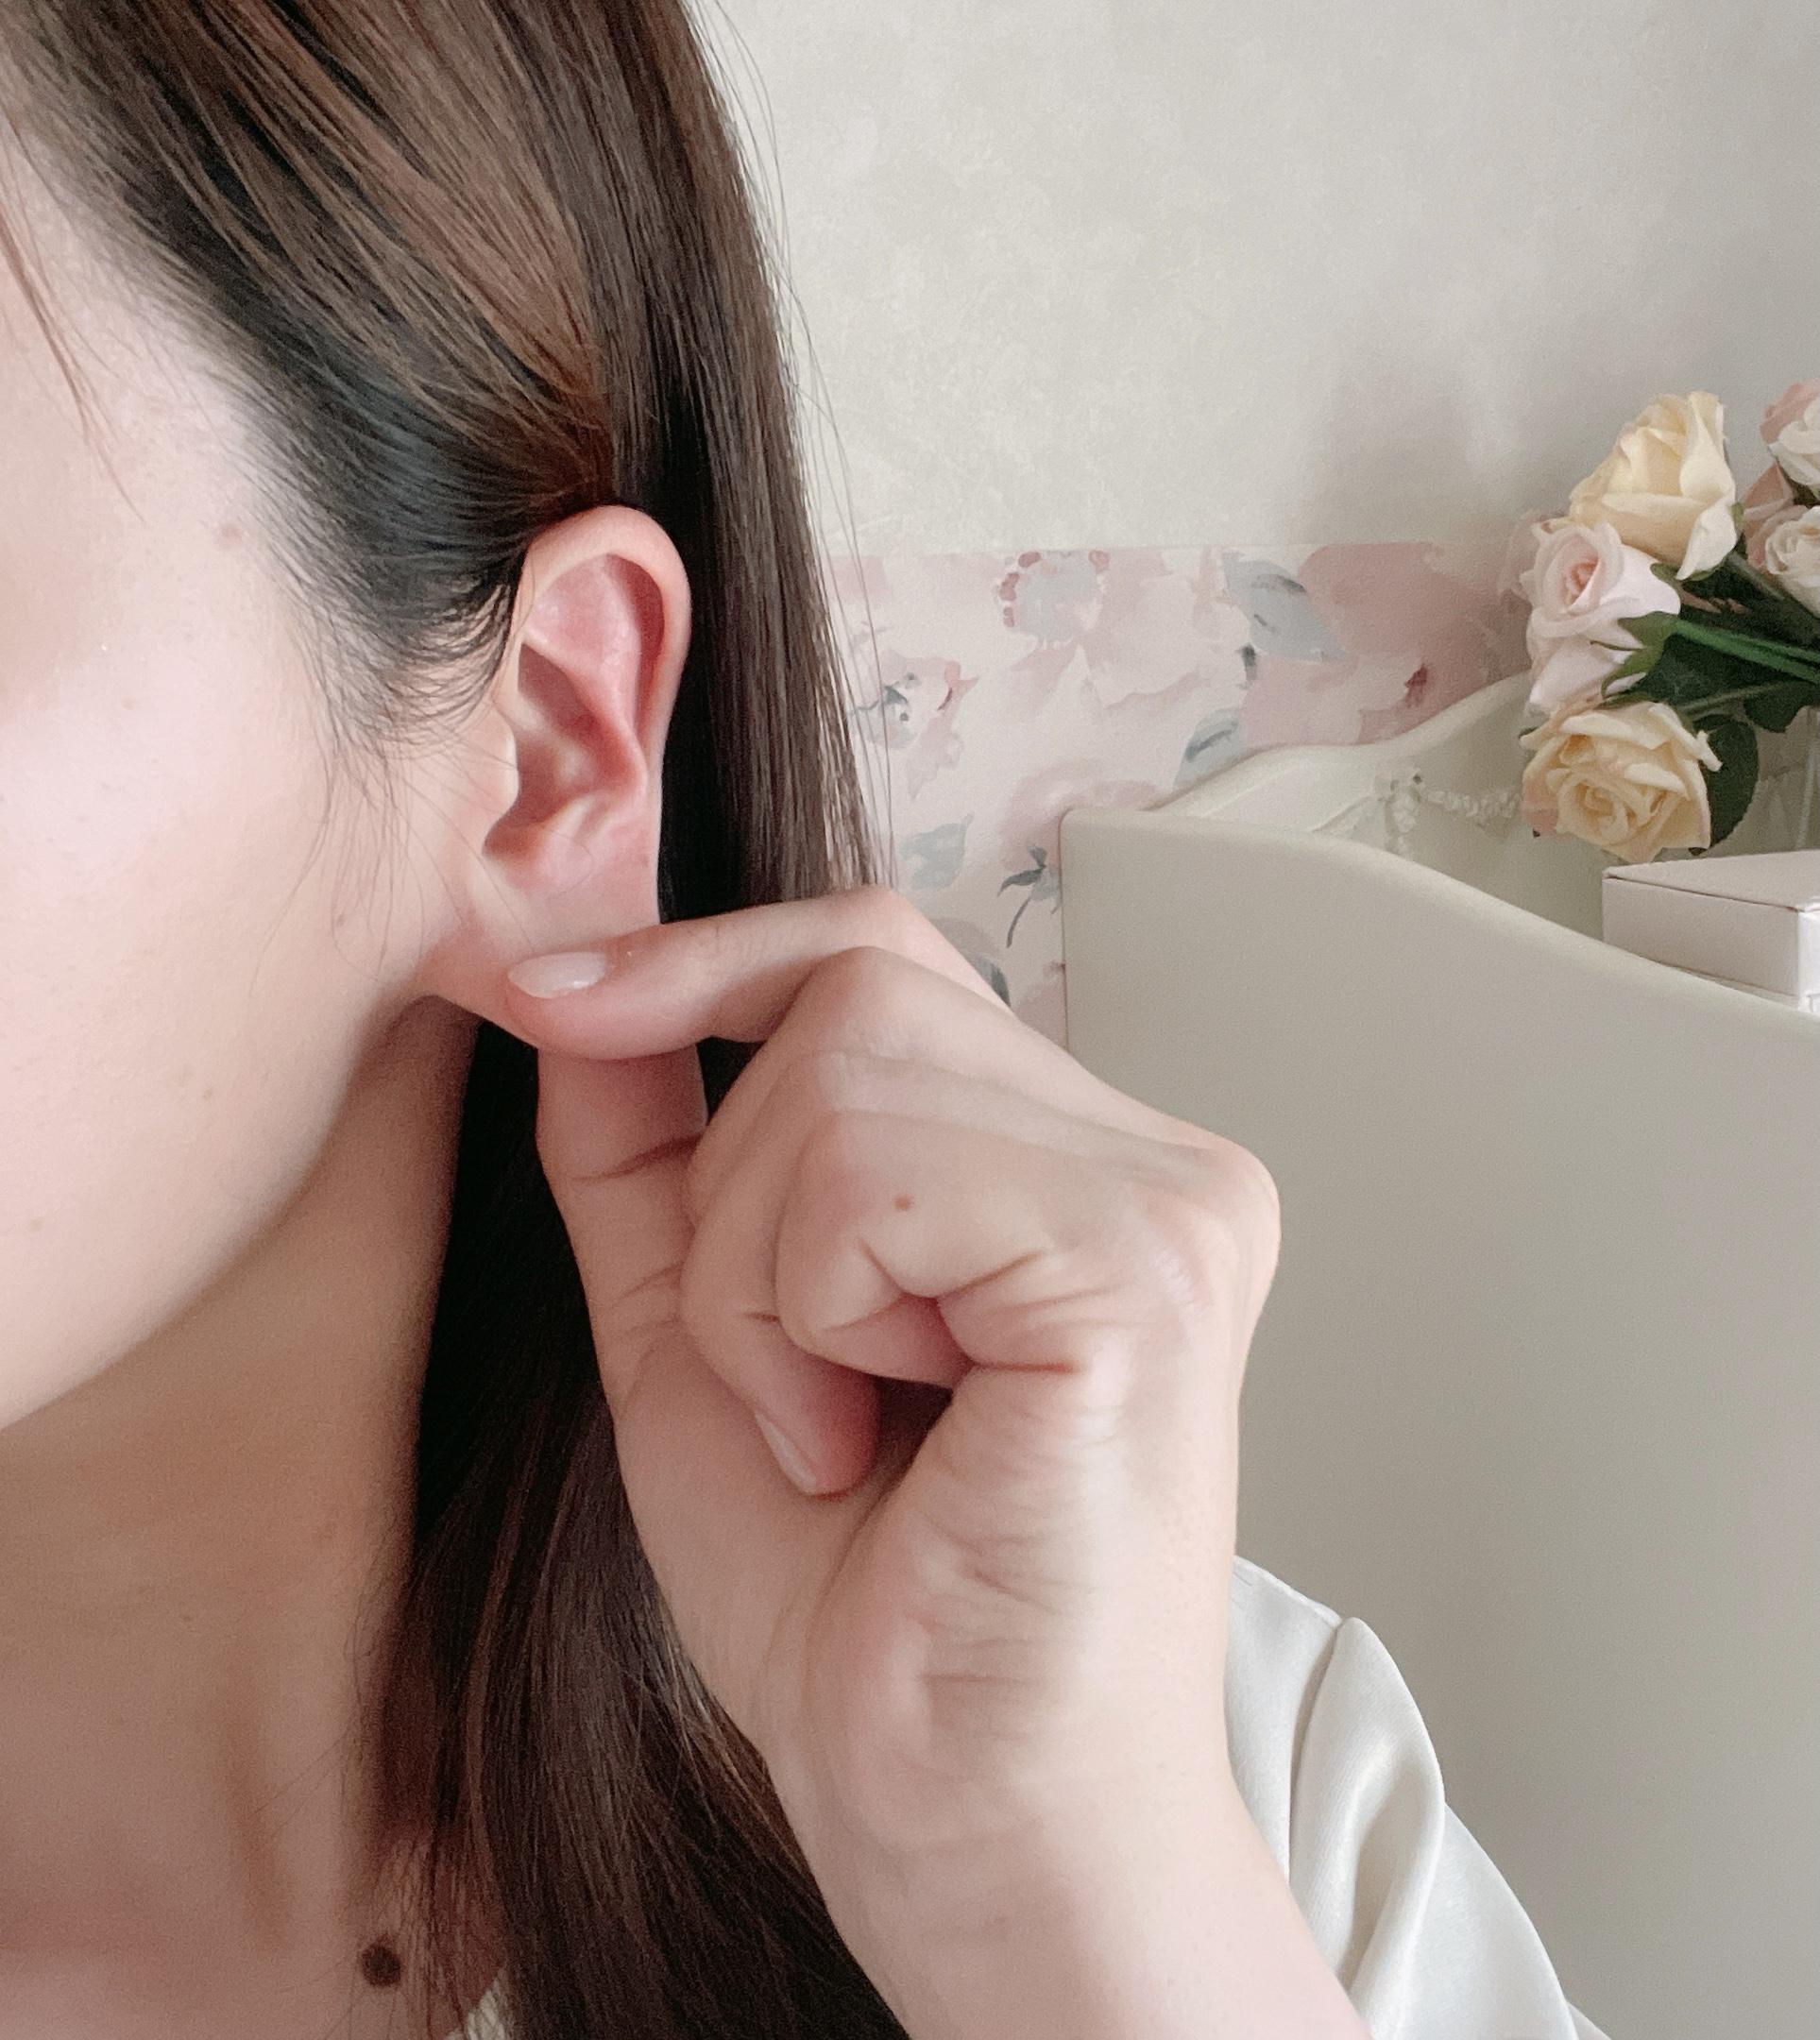 【3分でできる耳ツボダイエット】空いた時間に簡単すぎる痩せ習慣を…!